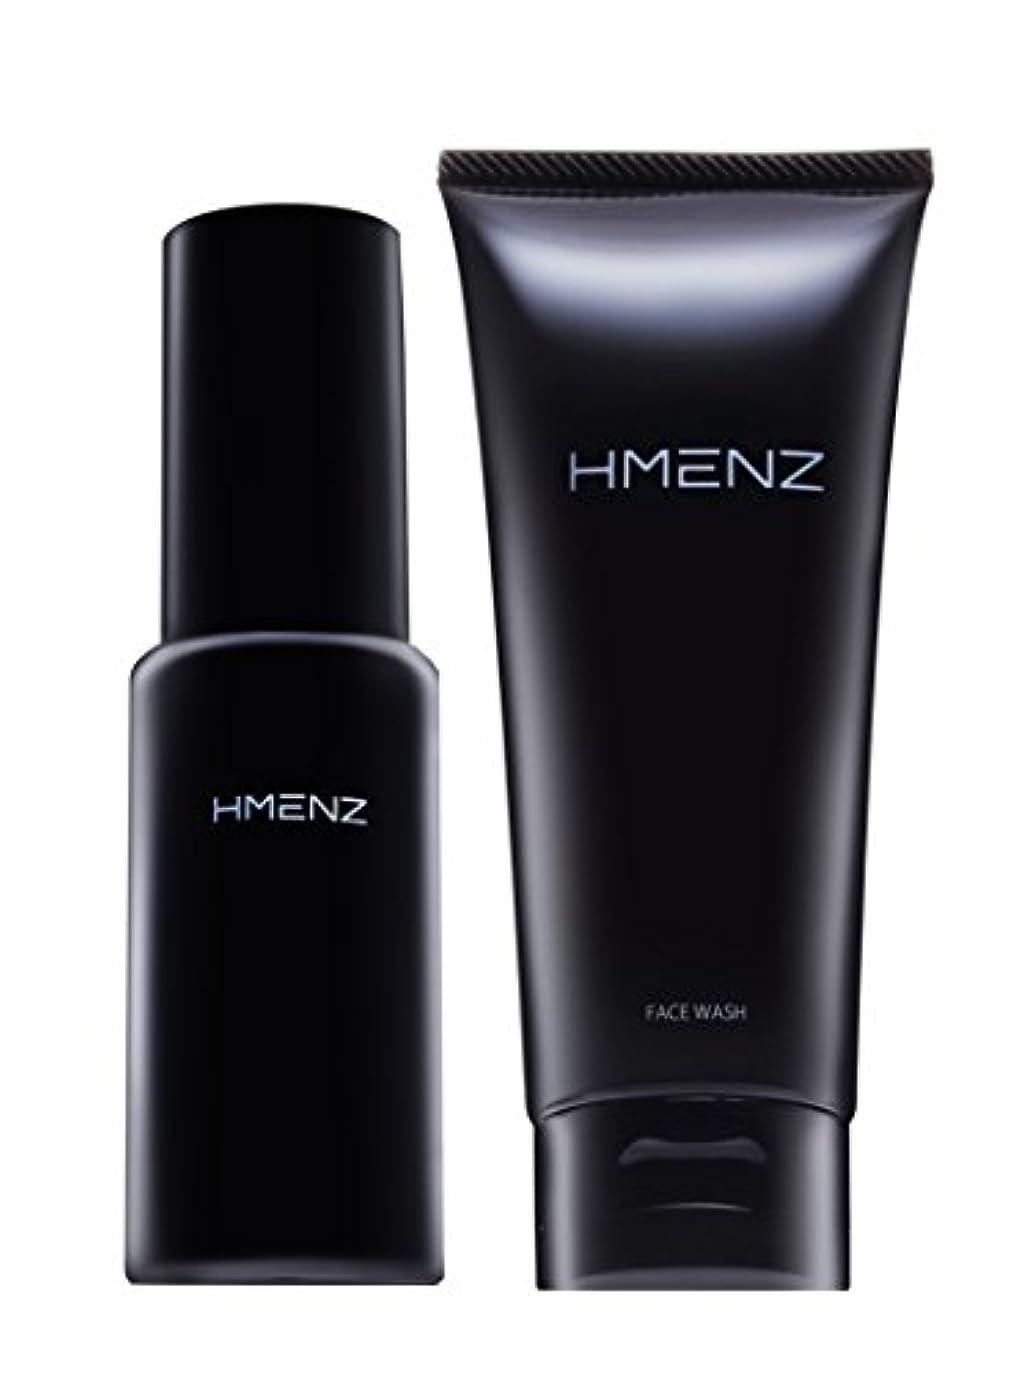 胸適用する余暇医薬部外品【 スキンケア セット 】HMENZ メンズ 洗顔 & 美容液 乾燥肌 対策 保湿 (無添加 シミ対策 ニキビ対策 エイジングケア) 洗顔 オールインワン ジェル 100g&50ml